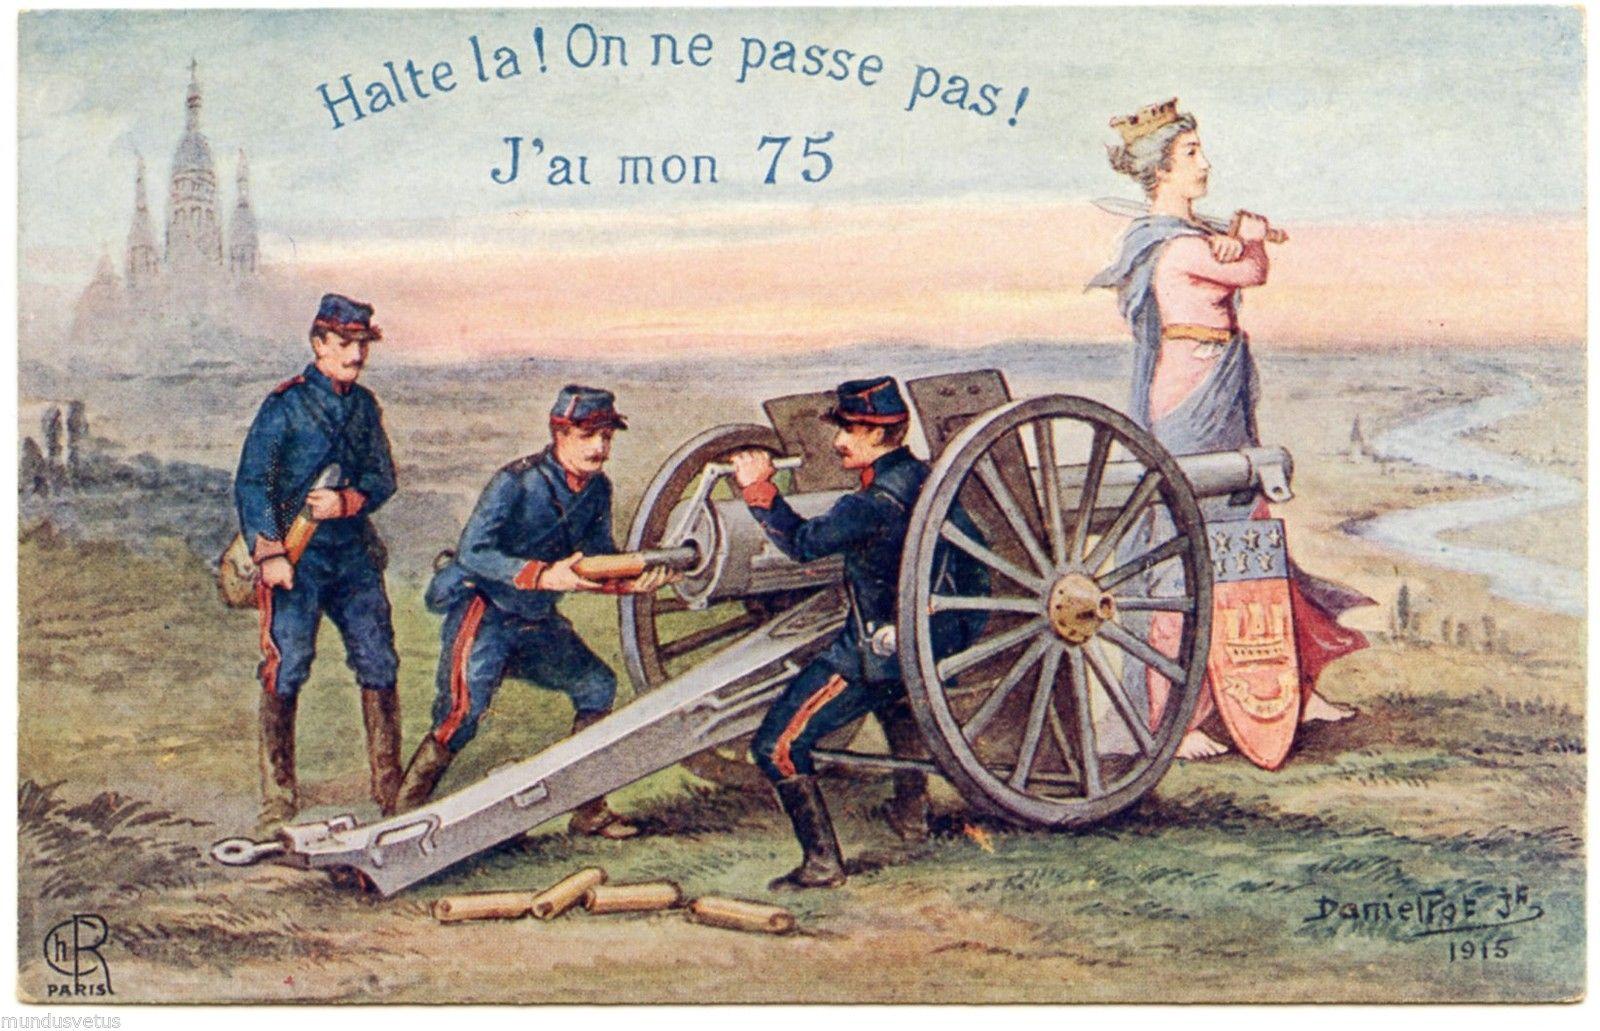 On_ne_passe_pas-1915.jpg